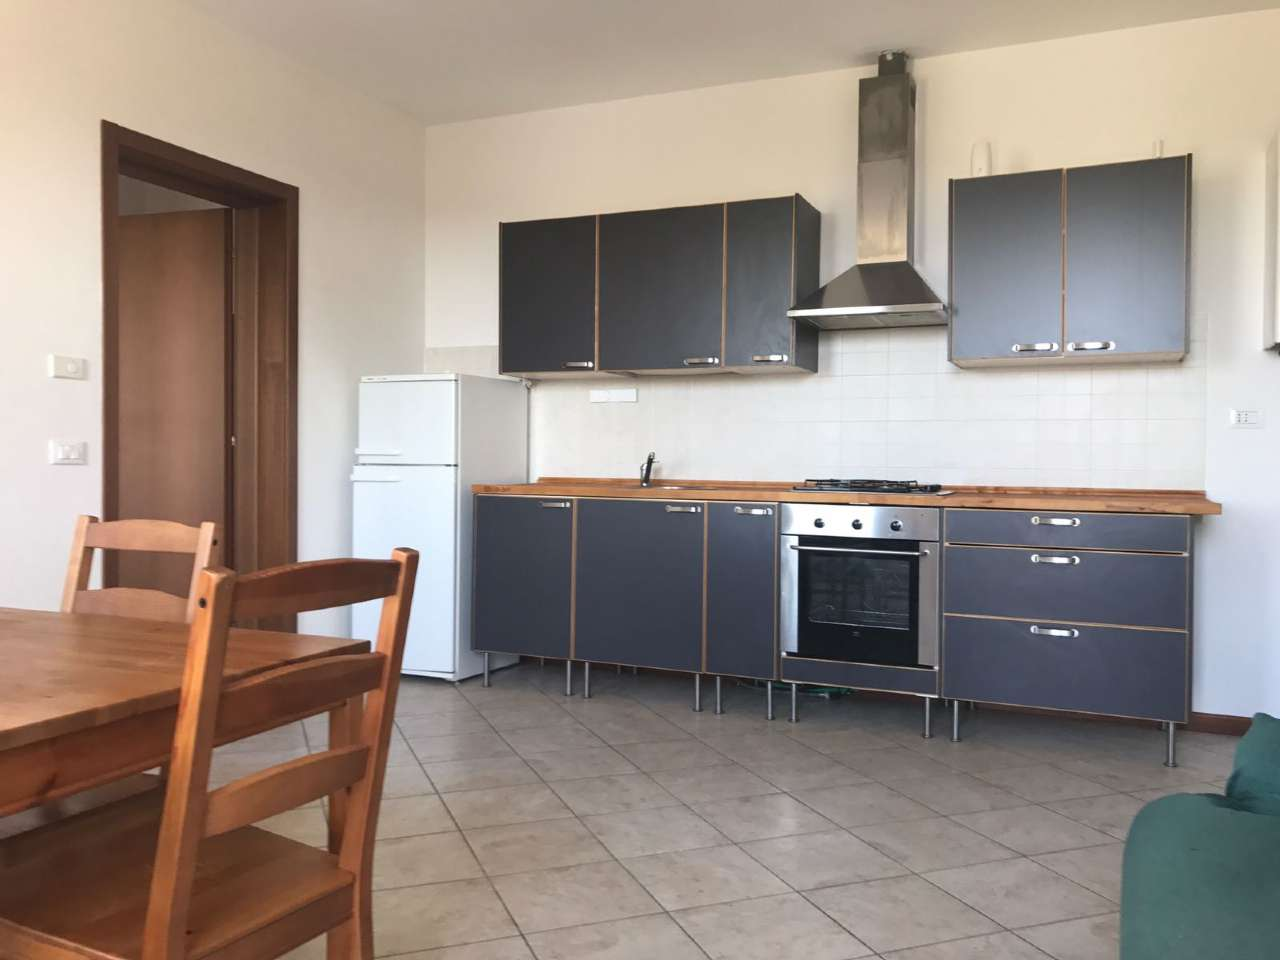 Appartamento in affitto a Bagnolo San Vito, 2 locali, prezzo € 430 | Cambio Casa.it